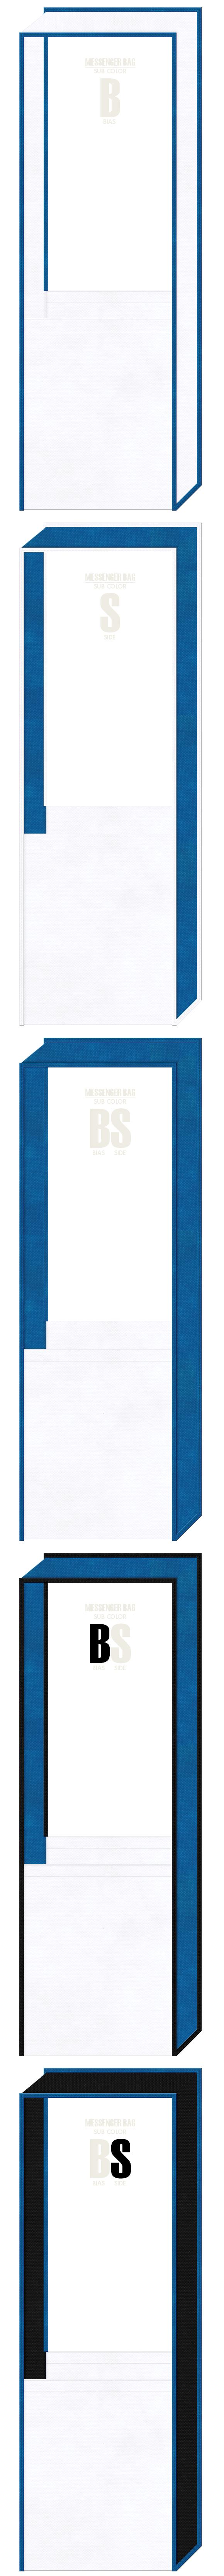 スポーツイベントにお奨め:白色・青色・黒色の3色を使用した、不織布メッセンジャーバッグのデザイン